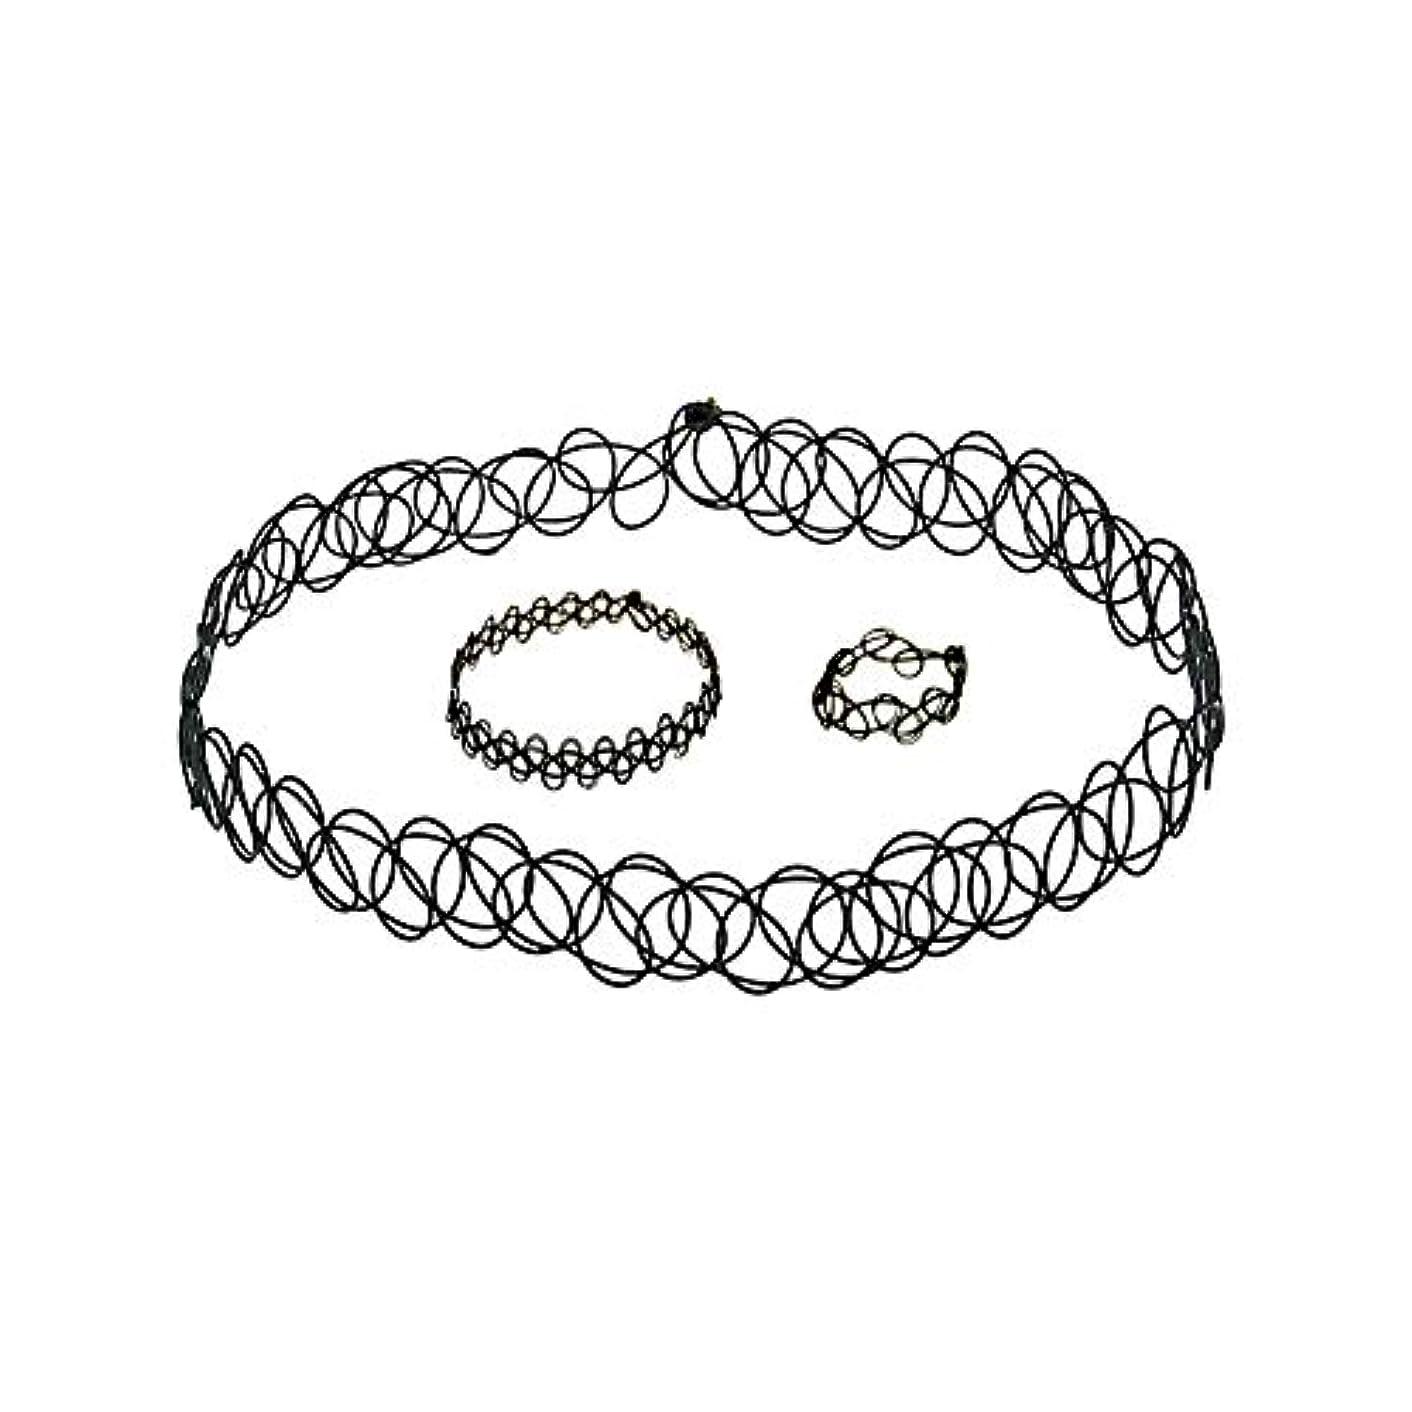 慰め世紀感じ3 PCSタトゥーチョーカーゴシックタトゥーヘナセット伸縮ネックレスブレスレットと指輪女性の女の子